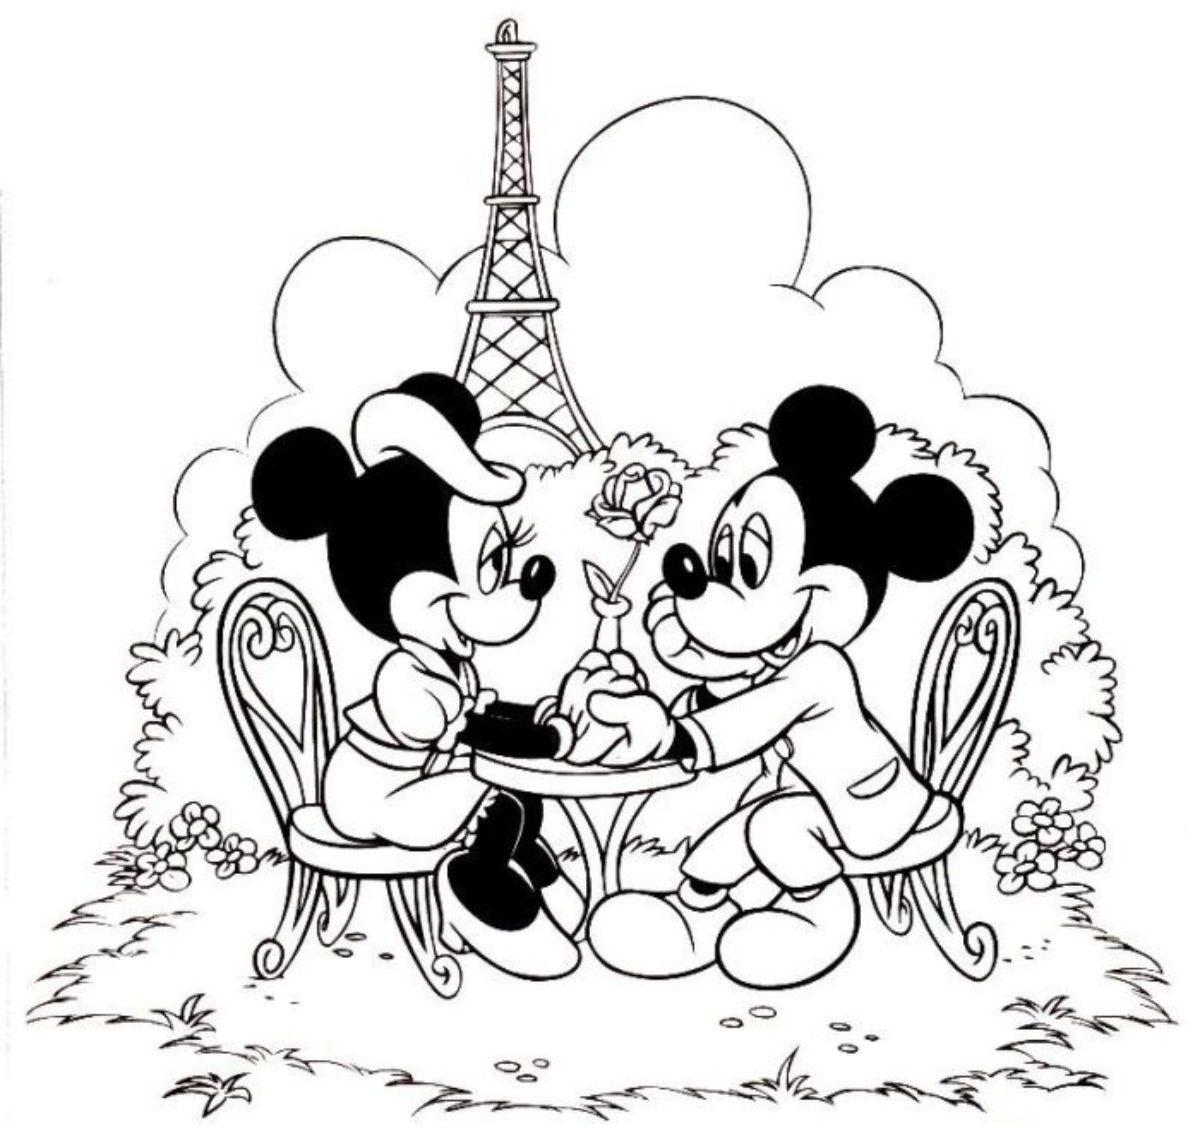 Imagens Do Mickey Mouse E Minnie Desenhos Para Colorir E Imprimir